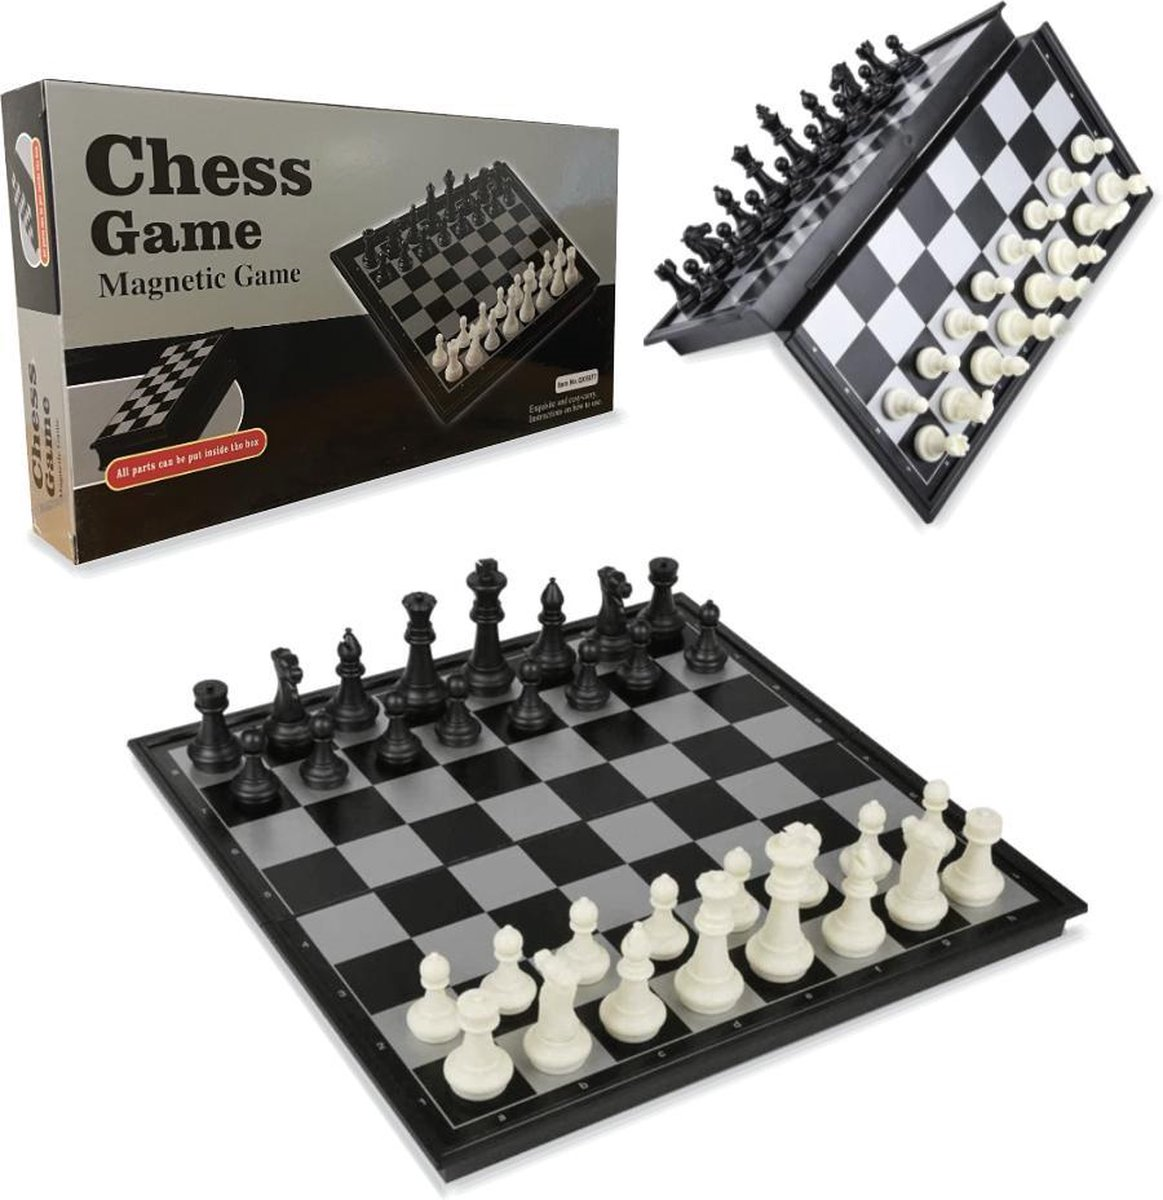 VoordeelShop Schaakbord Magnetisch - Opklapbaar Met Schaakstukken - 32cm x 32cm - Schaakspel - Dambord - Bordspellen - Spellen